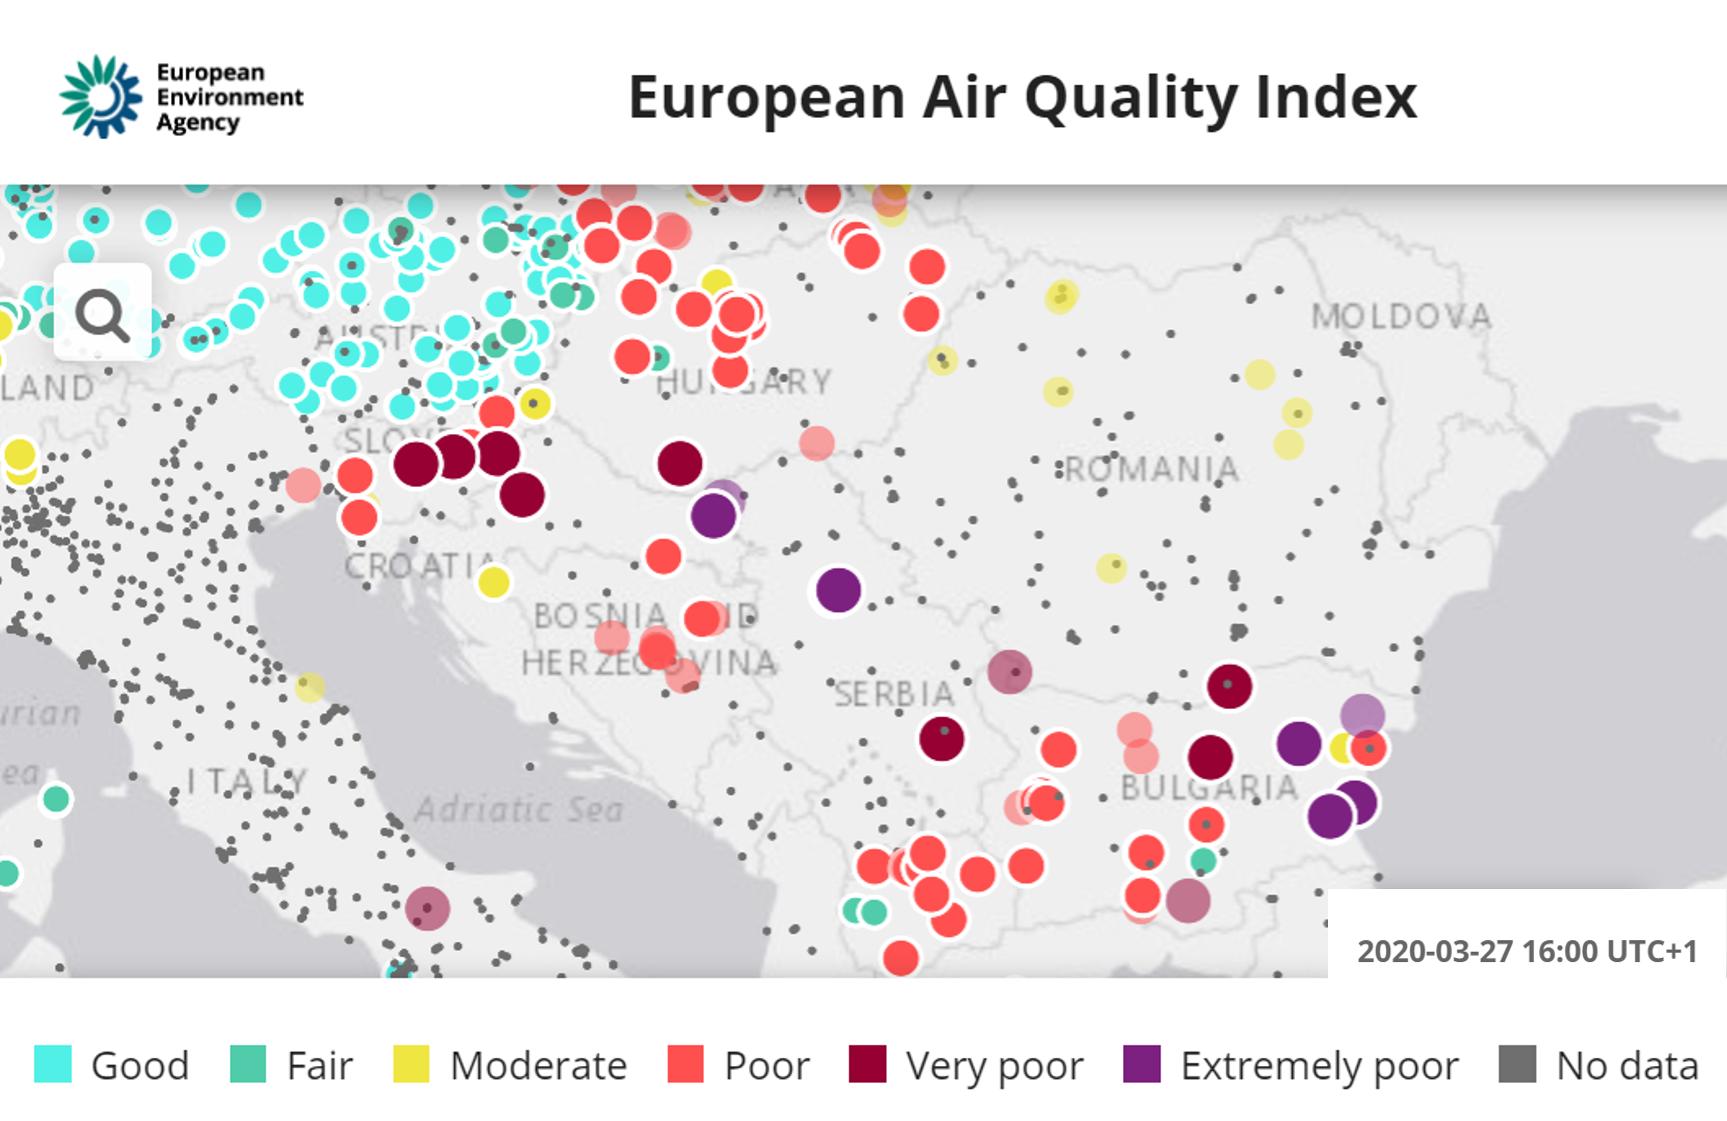 European Air Quality Index, 27 March at 16:00 UTC